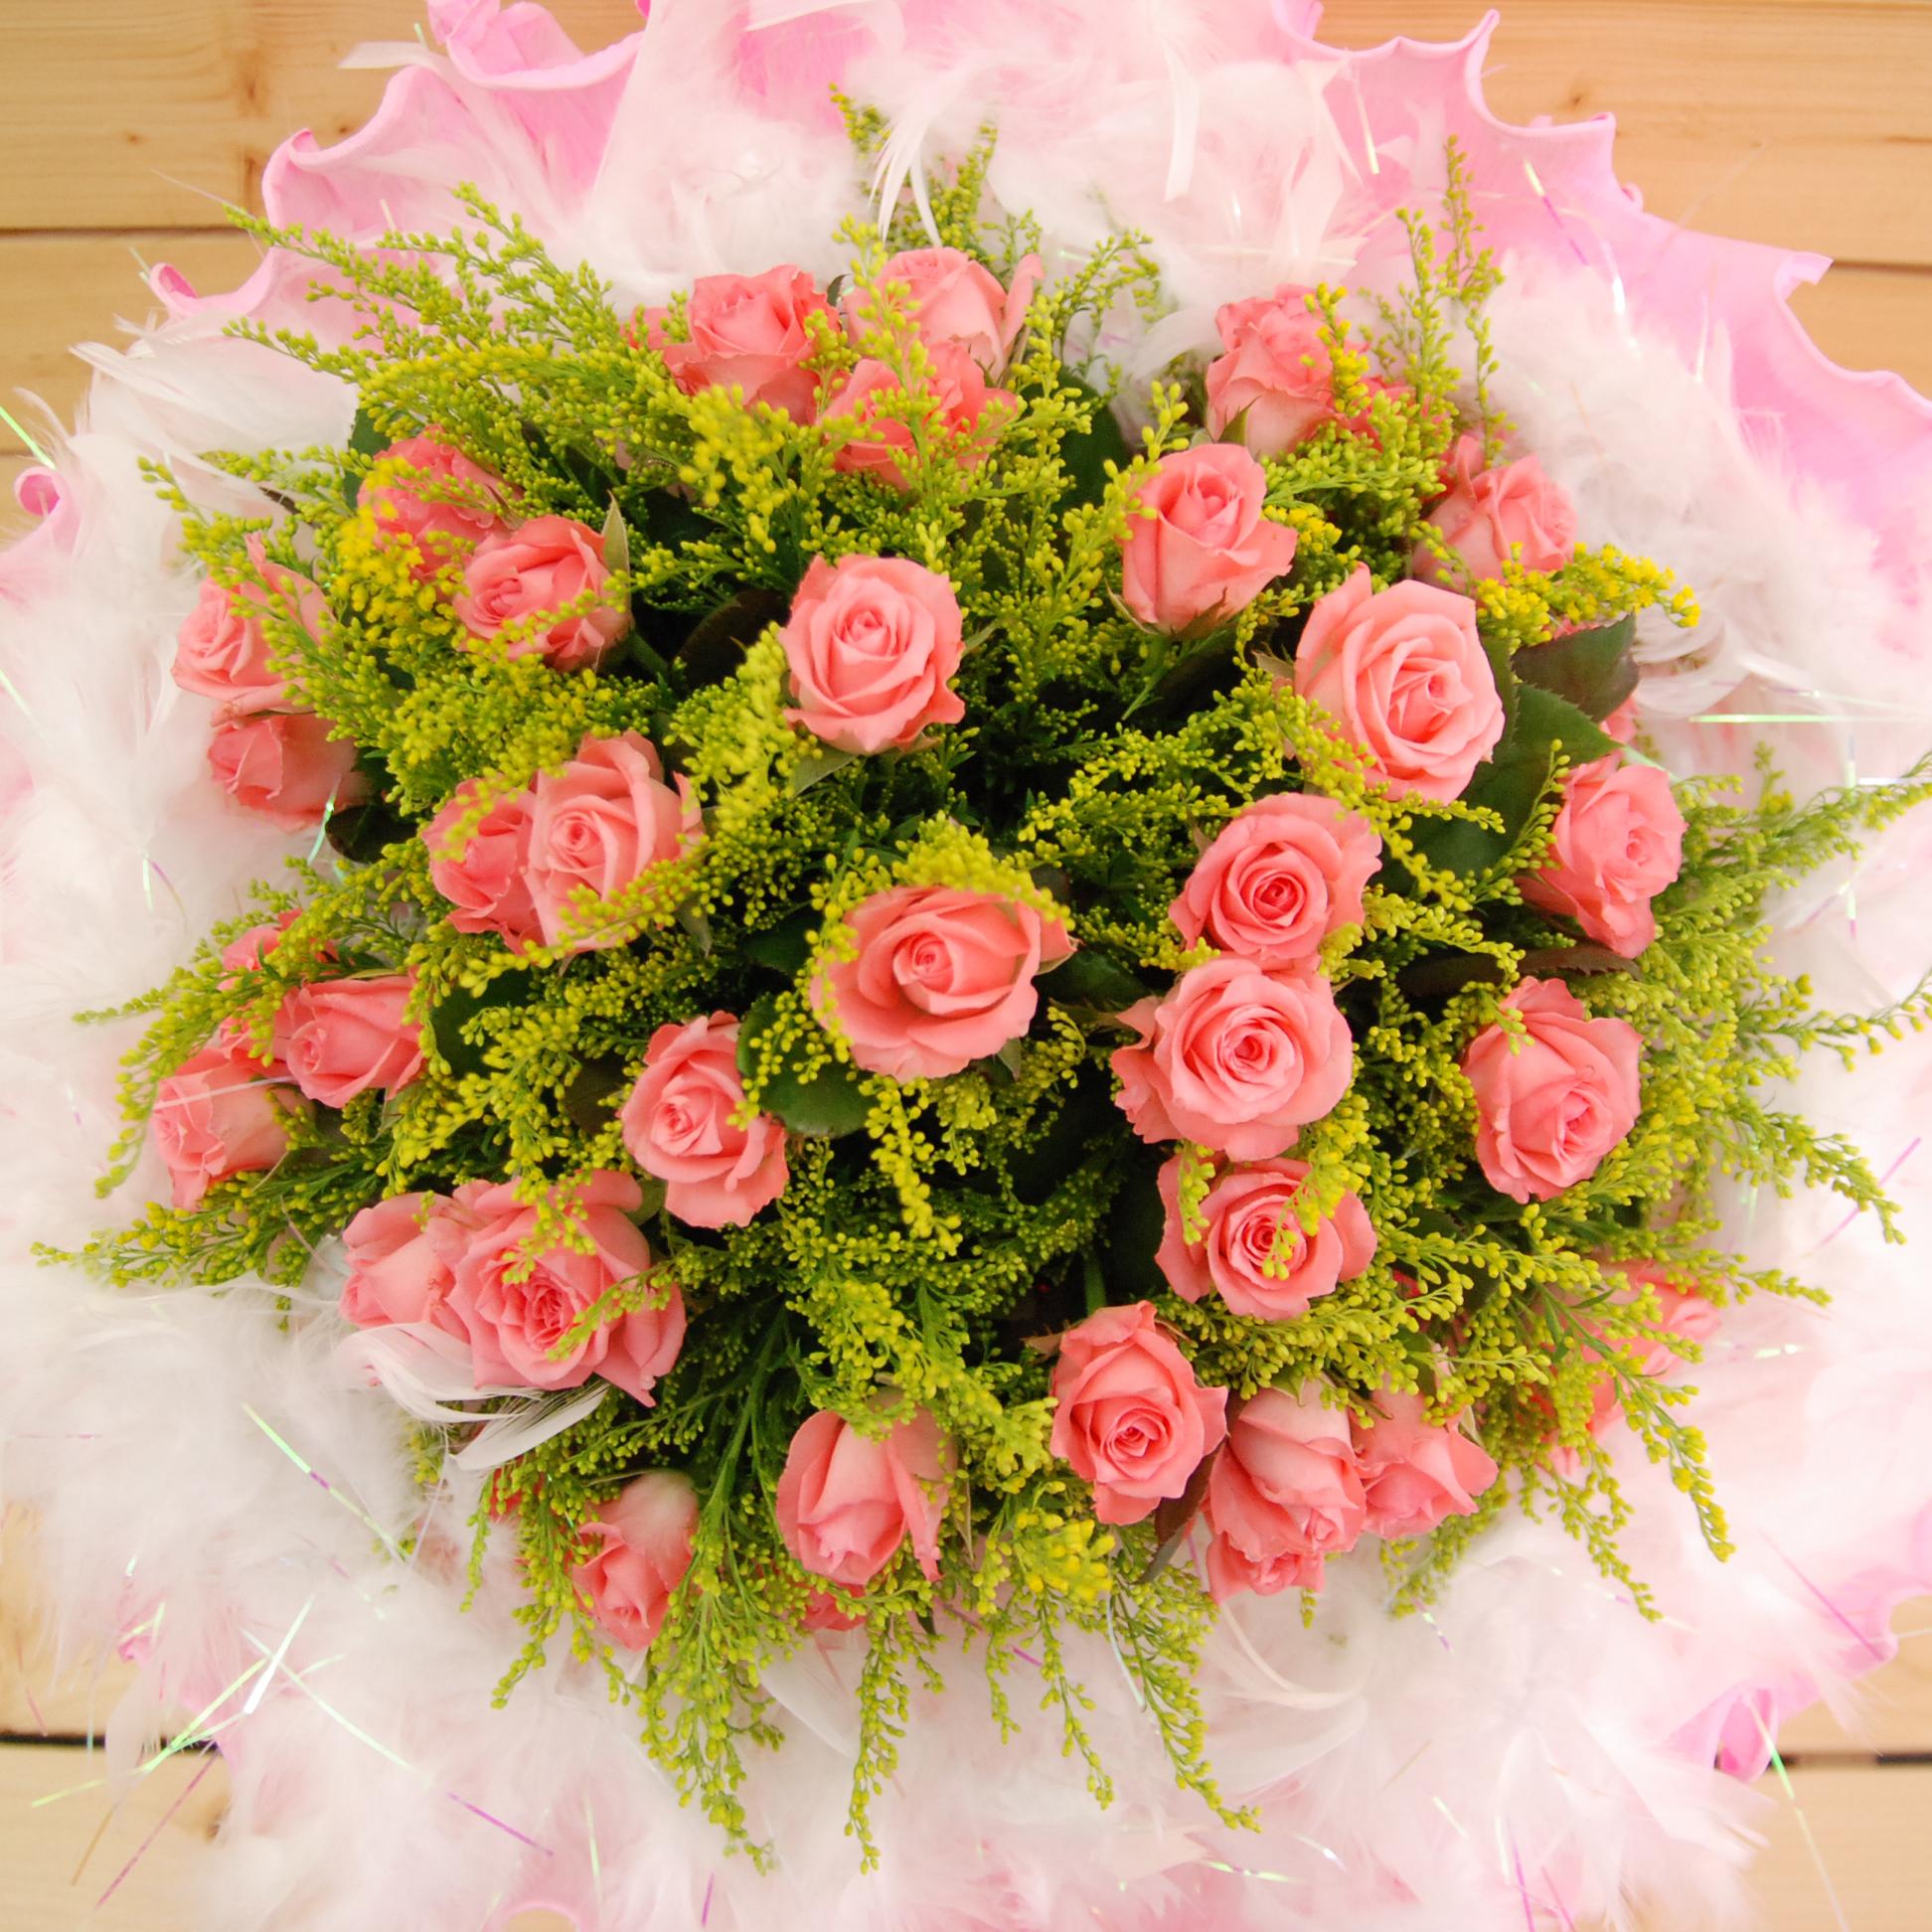 【巧繪網FR011412A 】情人最愛 50朵 粉玫瑰花束 情人節花束 七夕花禮 禮物 網路花店